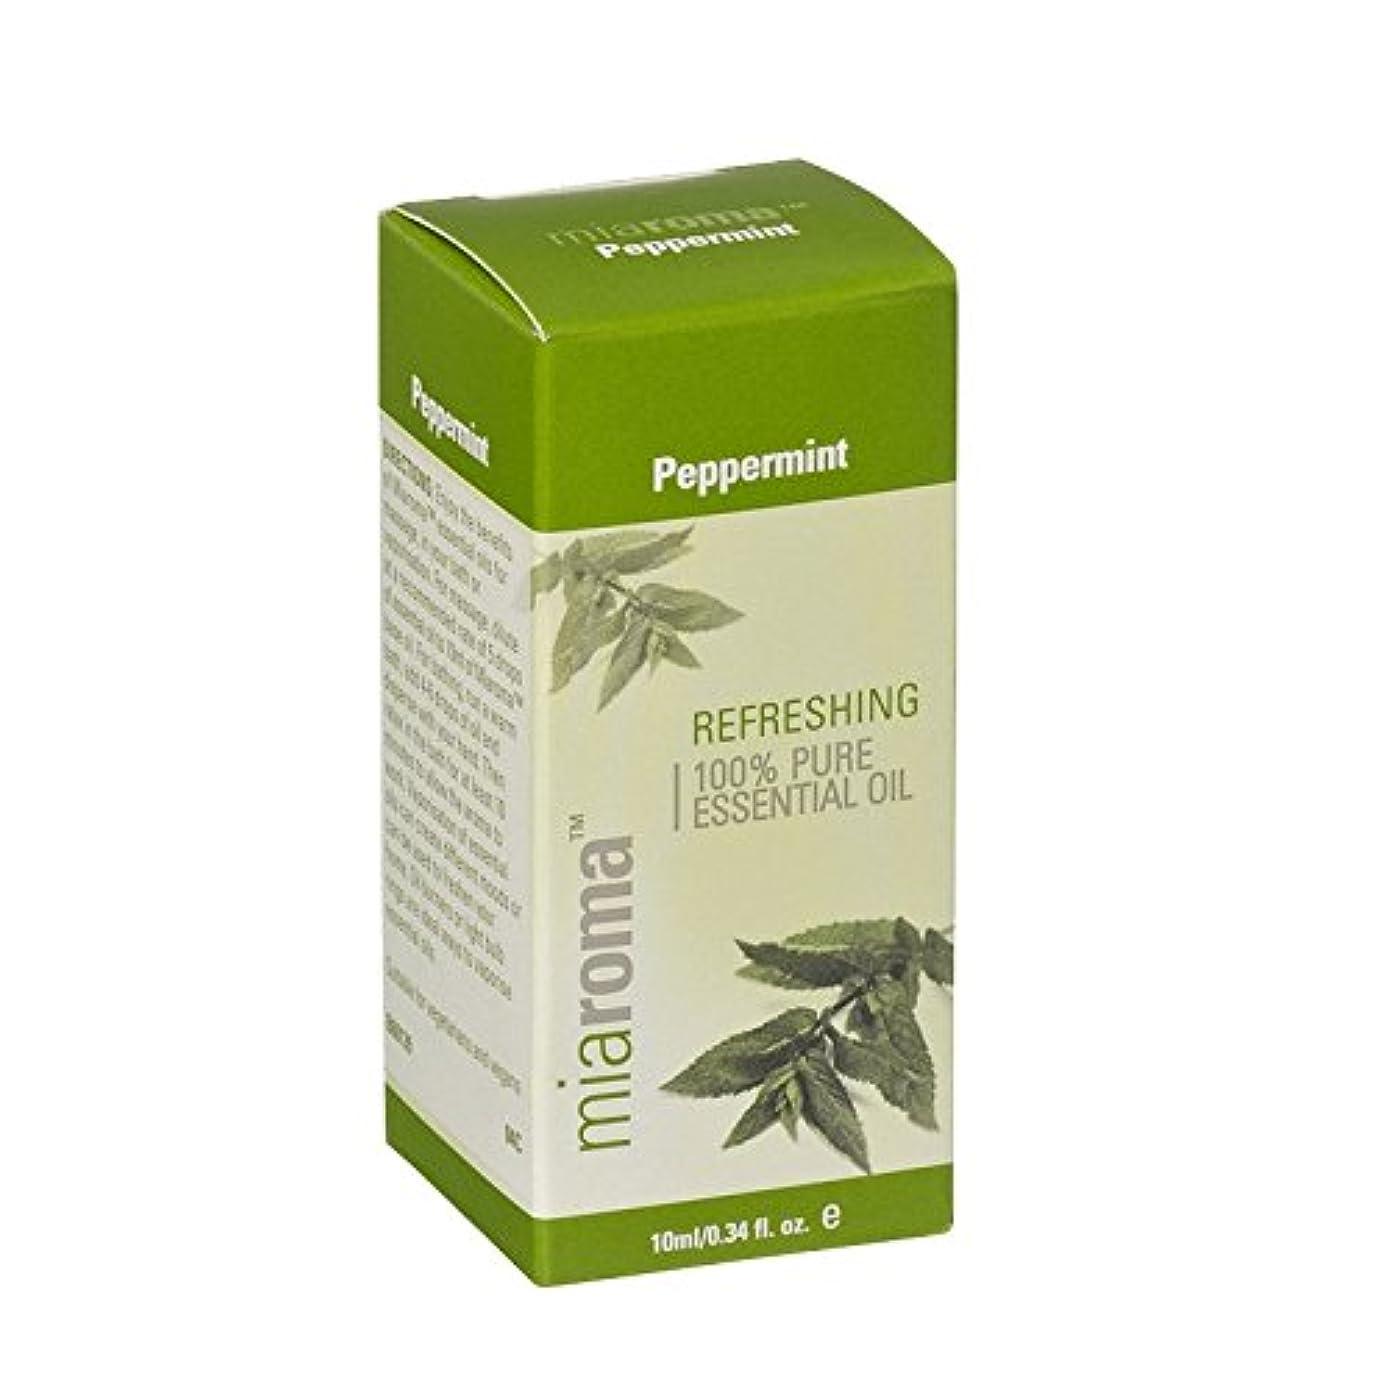 長椅子重要な役割を果たす、中心的な手段となる道徳Miaromaのペパーミント純粋なエッセンシャルオイル - Miaroma Peppermint Pure Essential Oil (Miaroma) [並行輸入品]